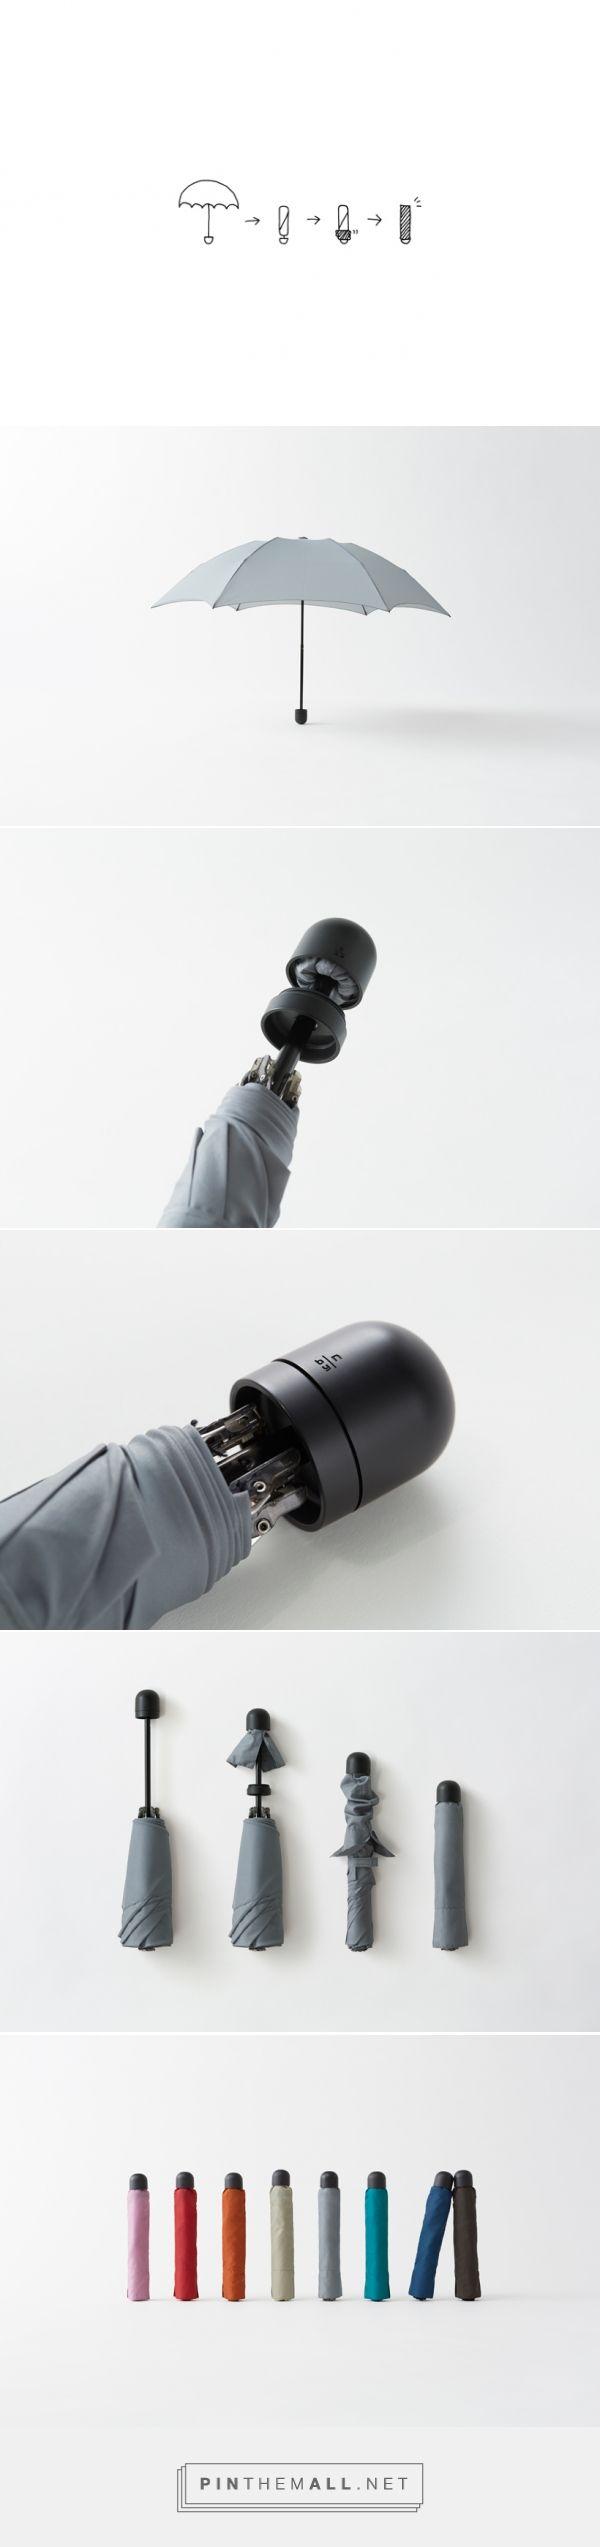 우산을 접고나서도 약간의 물이고여있거나 제대로 말아두지않으면 우둘투둘한 모습이 되는데 이제품처럼 한번더 비닐로 감싸는 형태가 되면 편리할 것 같다. 평소 우리가 일회용 비닐에 싸서 들어가는 효과를 합친 것 같다.